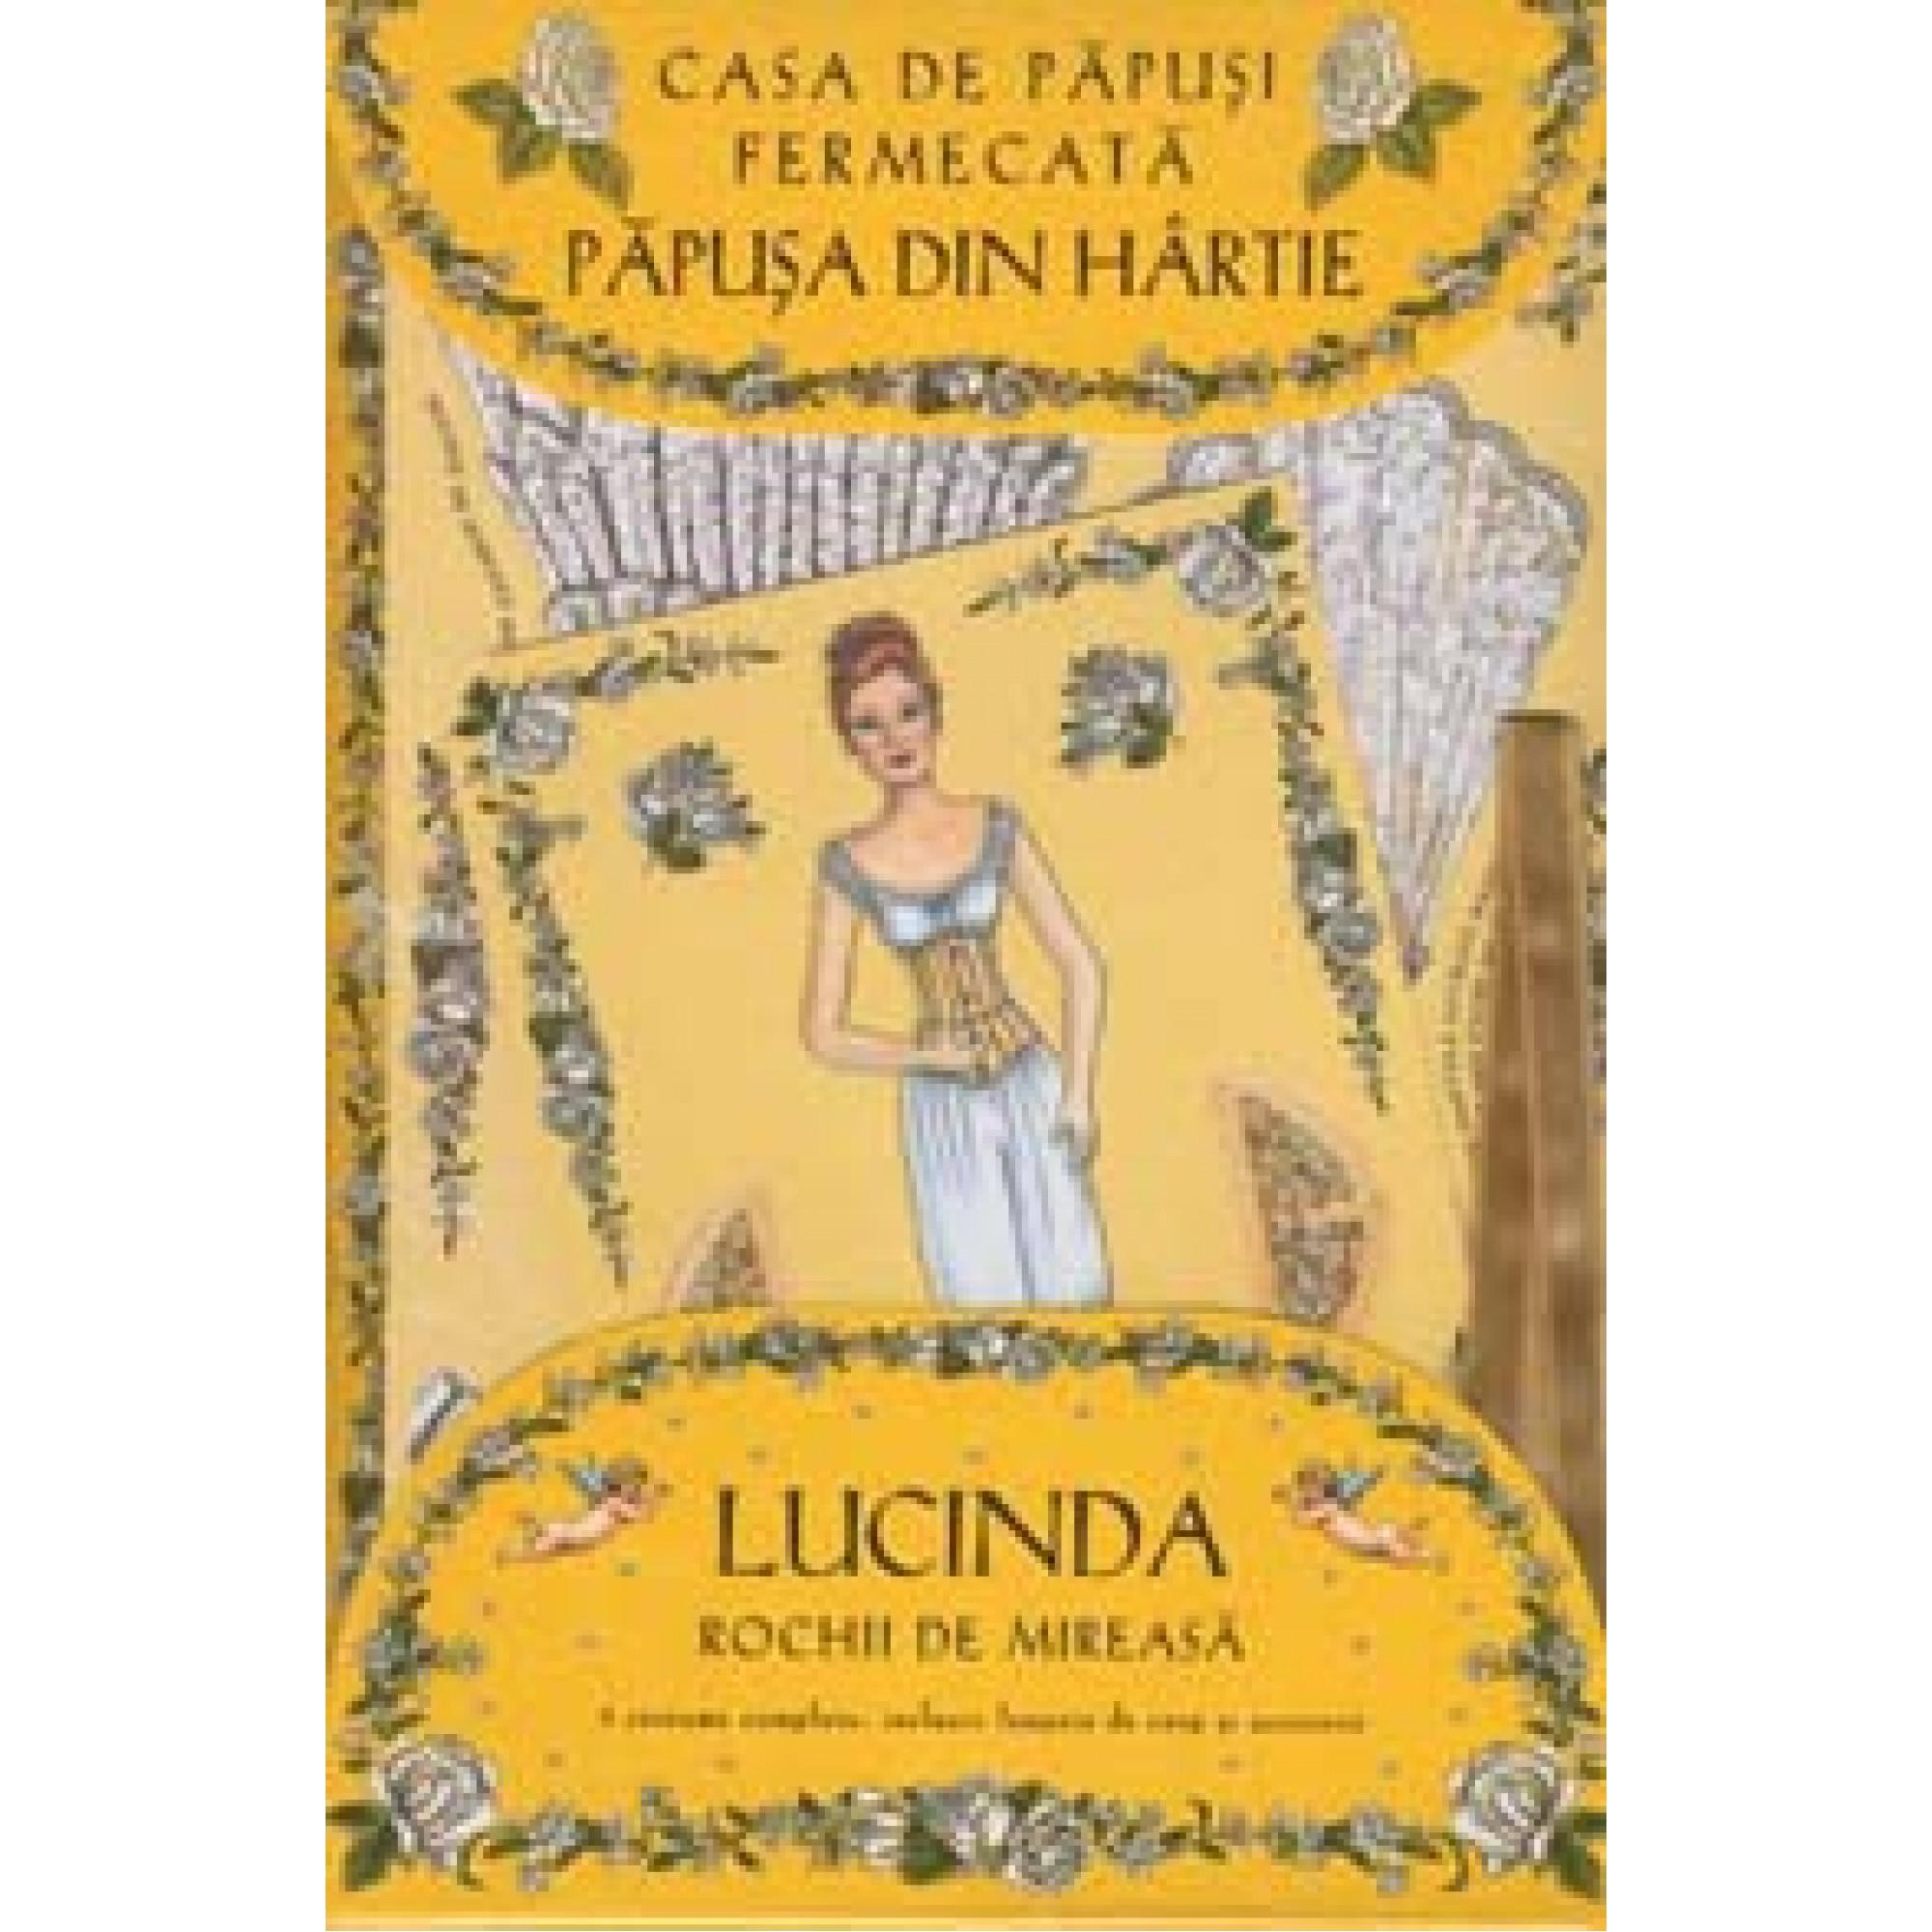 Casa de păpuşi fermecată - Păpuşa din hârtie Lucinda - Cu rochii de mireasă; Robyn Johnson